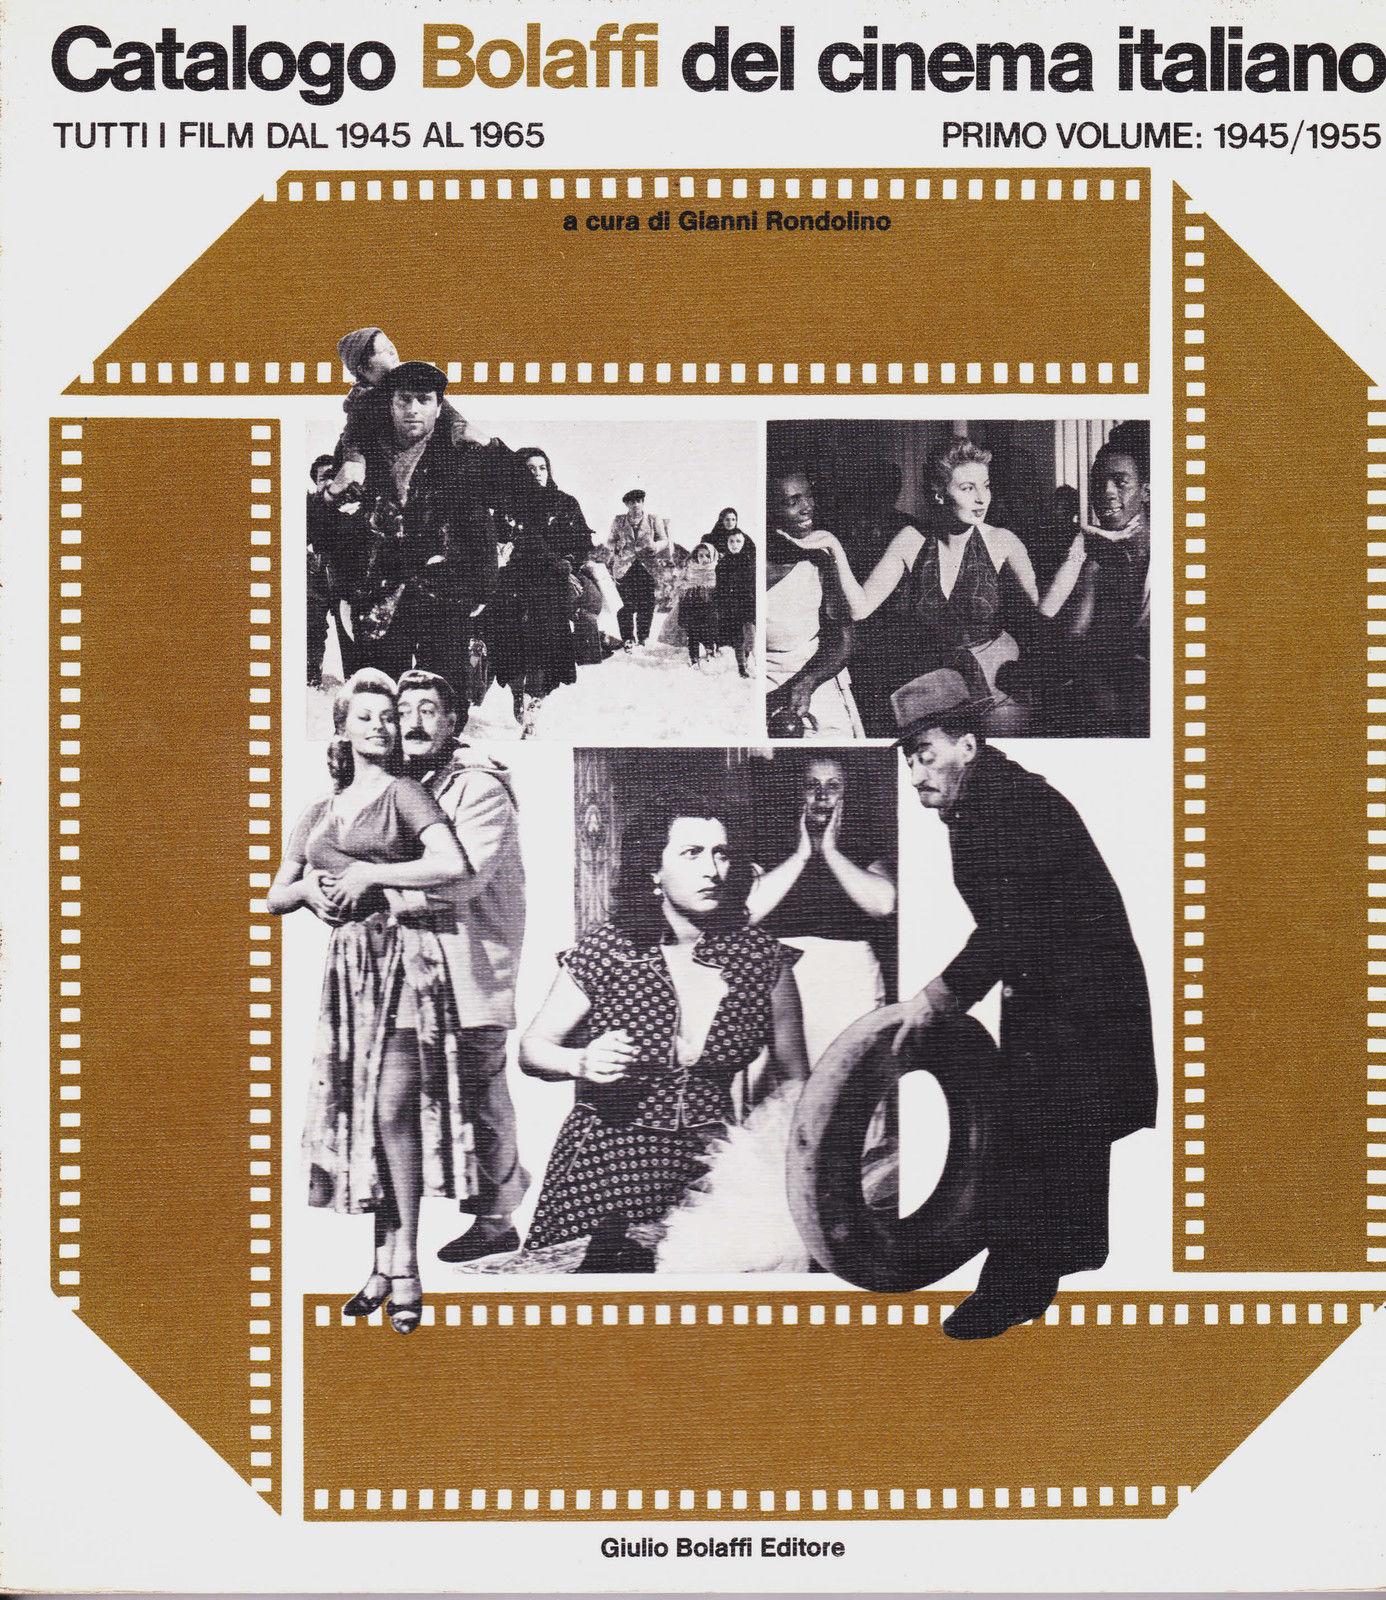 Catalogo Bolaffi del cinema italiano, 1945-1965 - Vol. 1